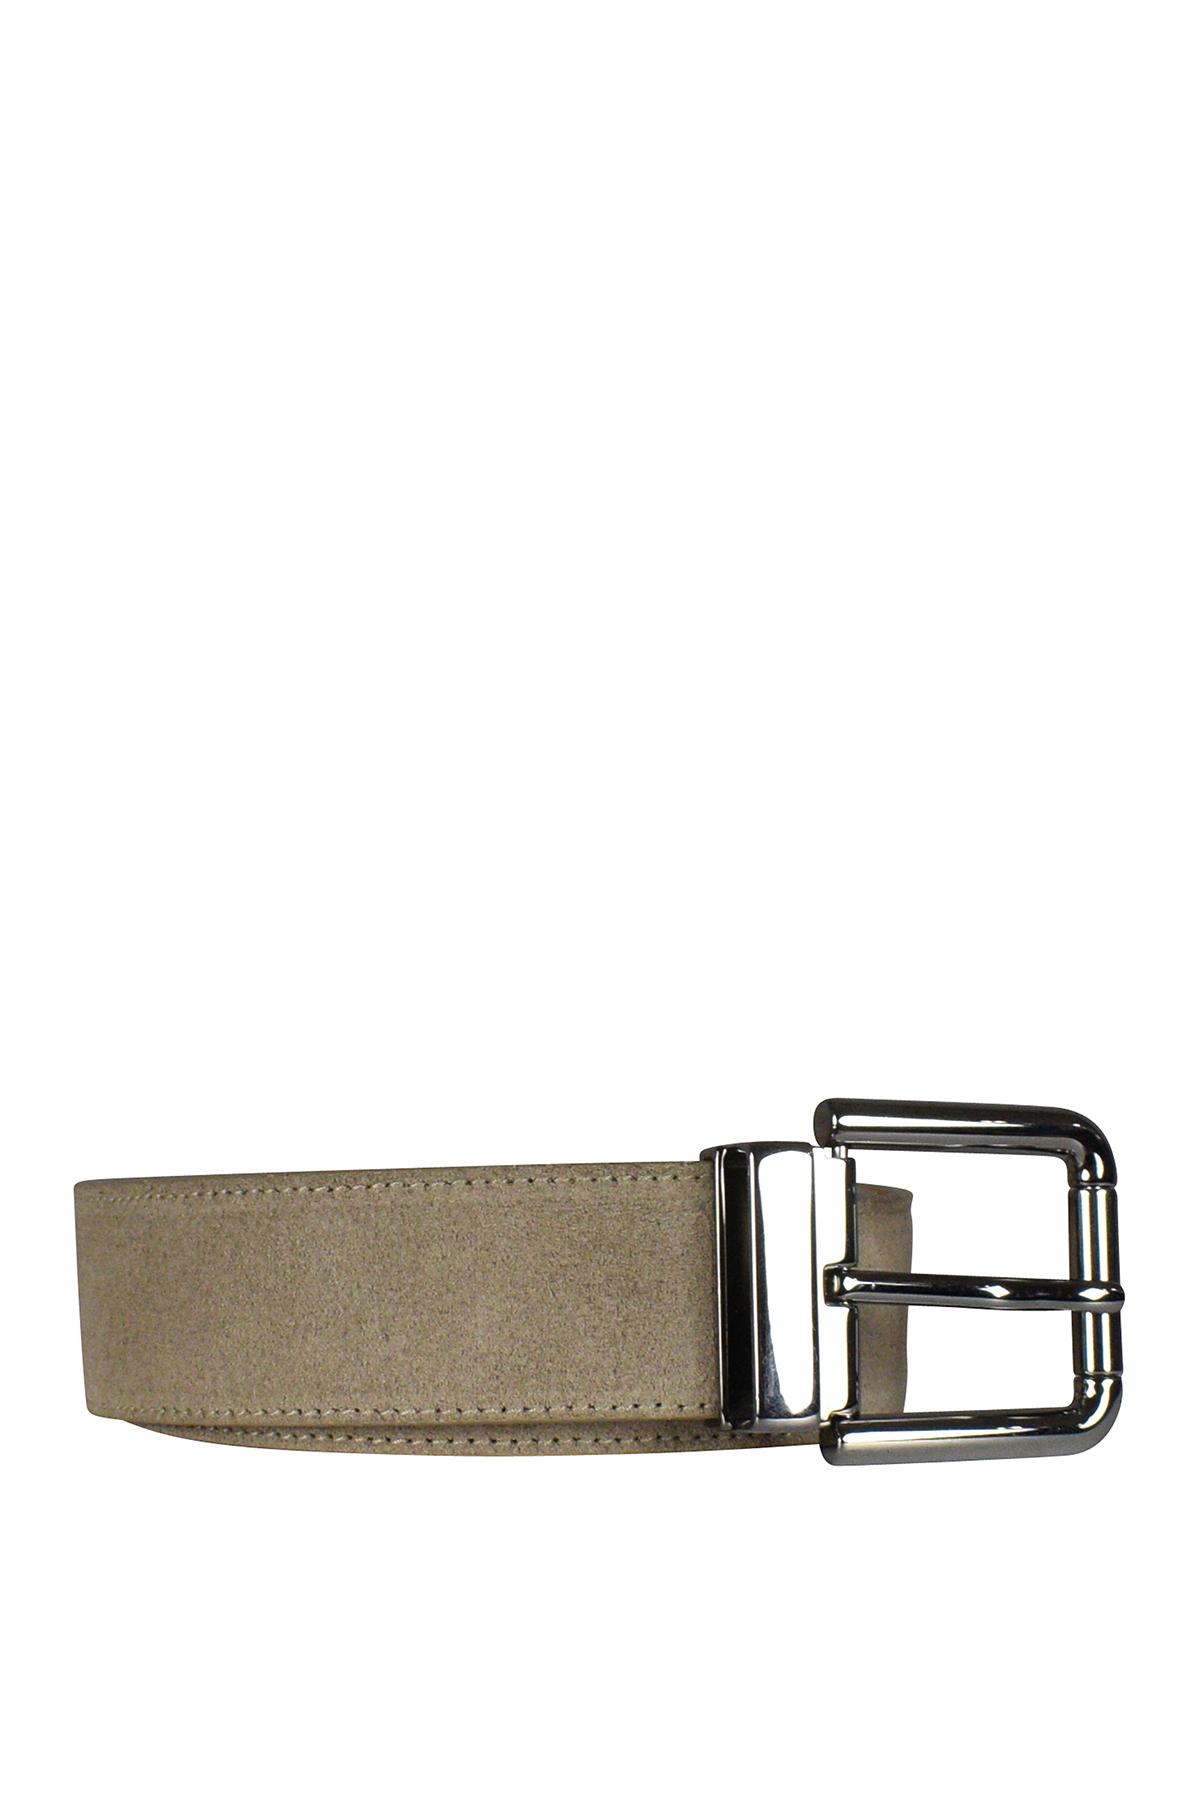 Dolce & Gabbana belt in beige suede.